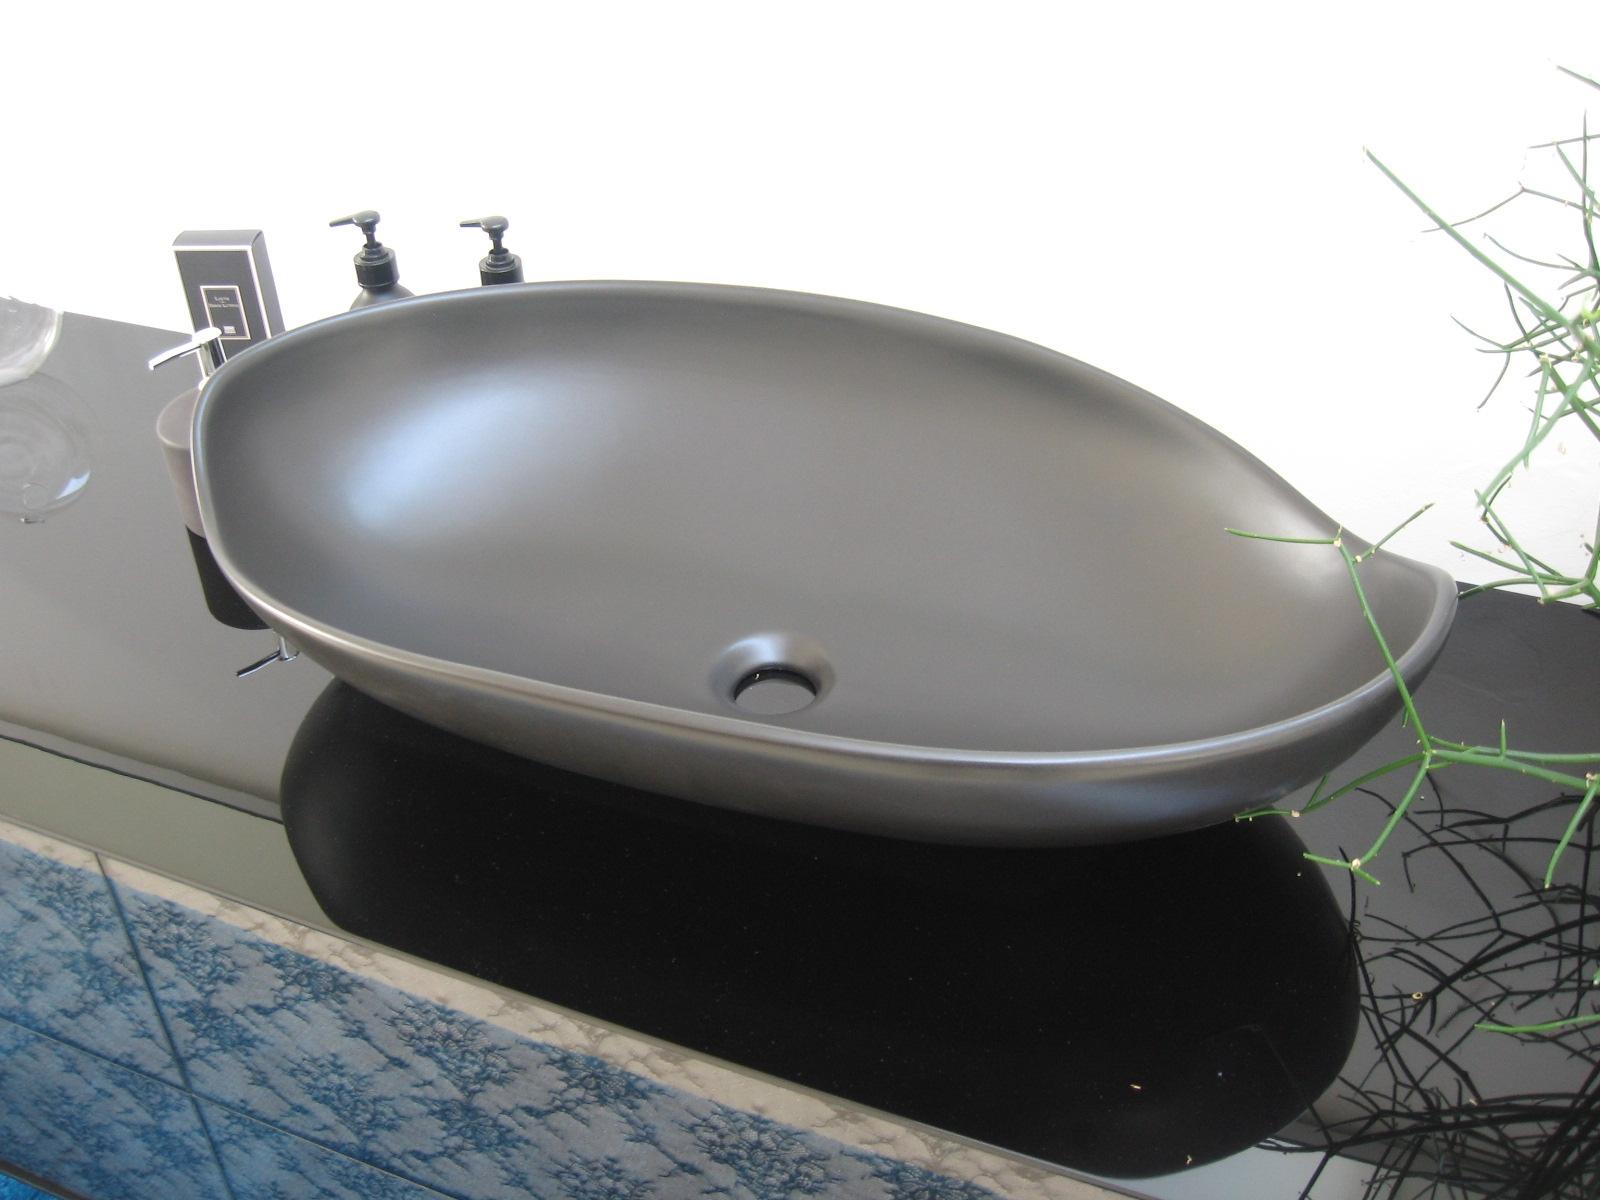 Arlex lavabo appoggio miyuki nero satinato design ceramica - Lavabo nero bagno ...